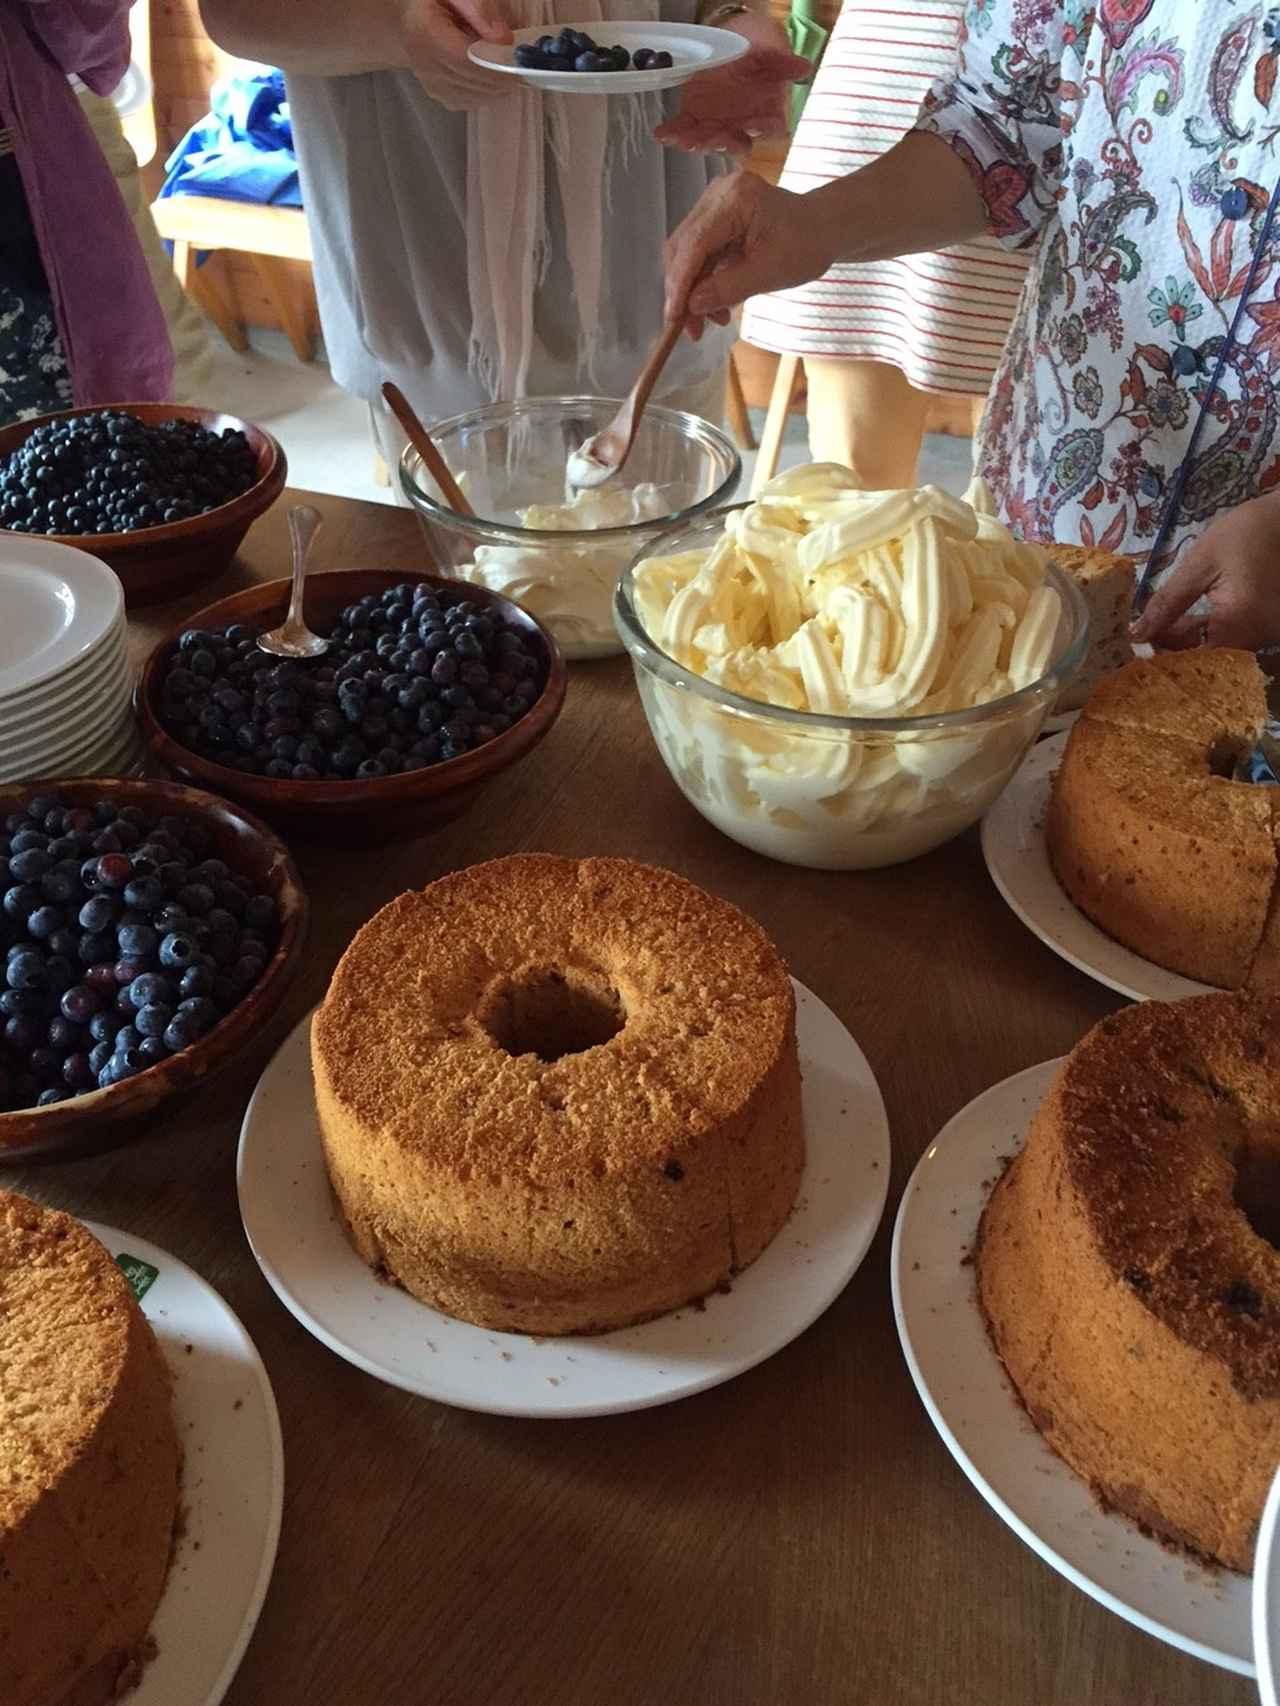 画像: 朝摘みのブルーベリーが美味しかったのです。